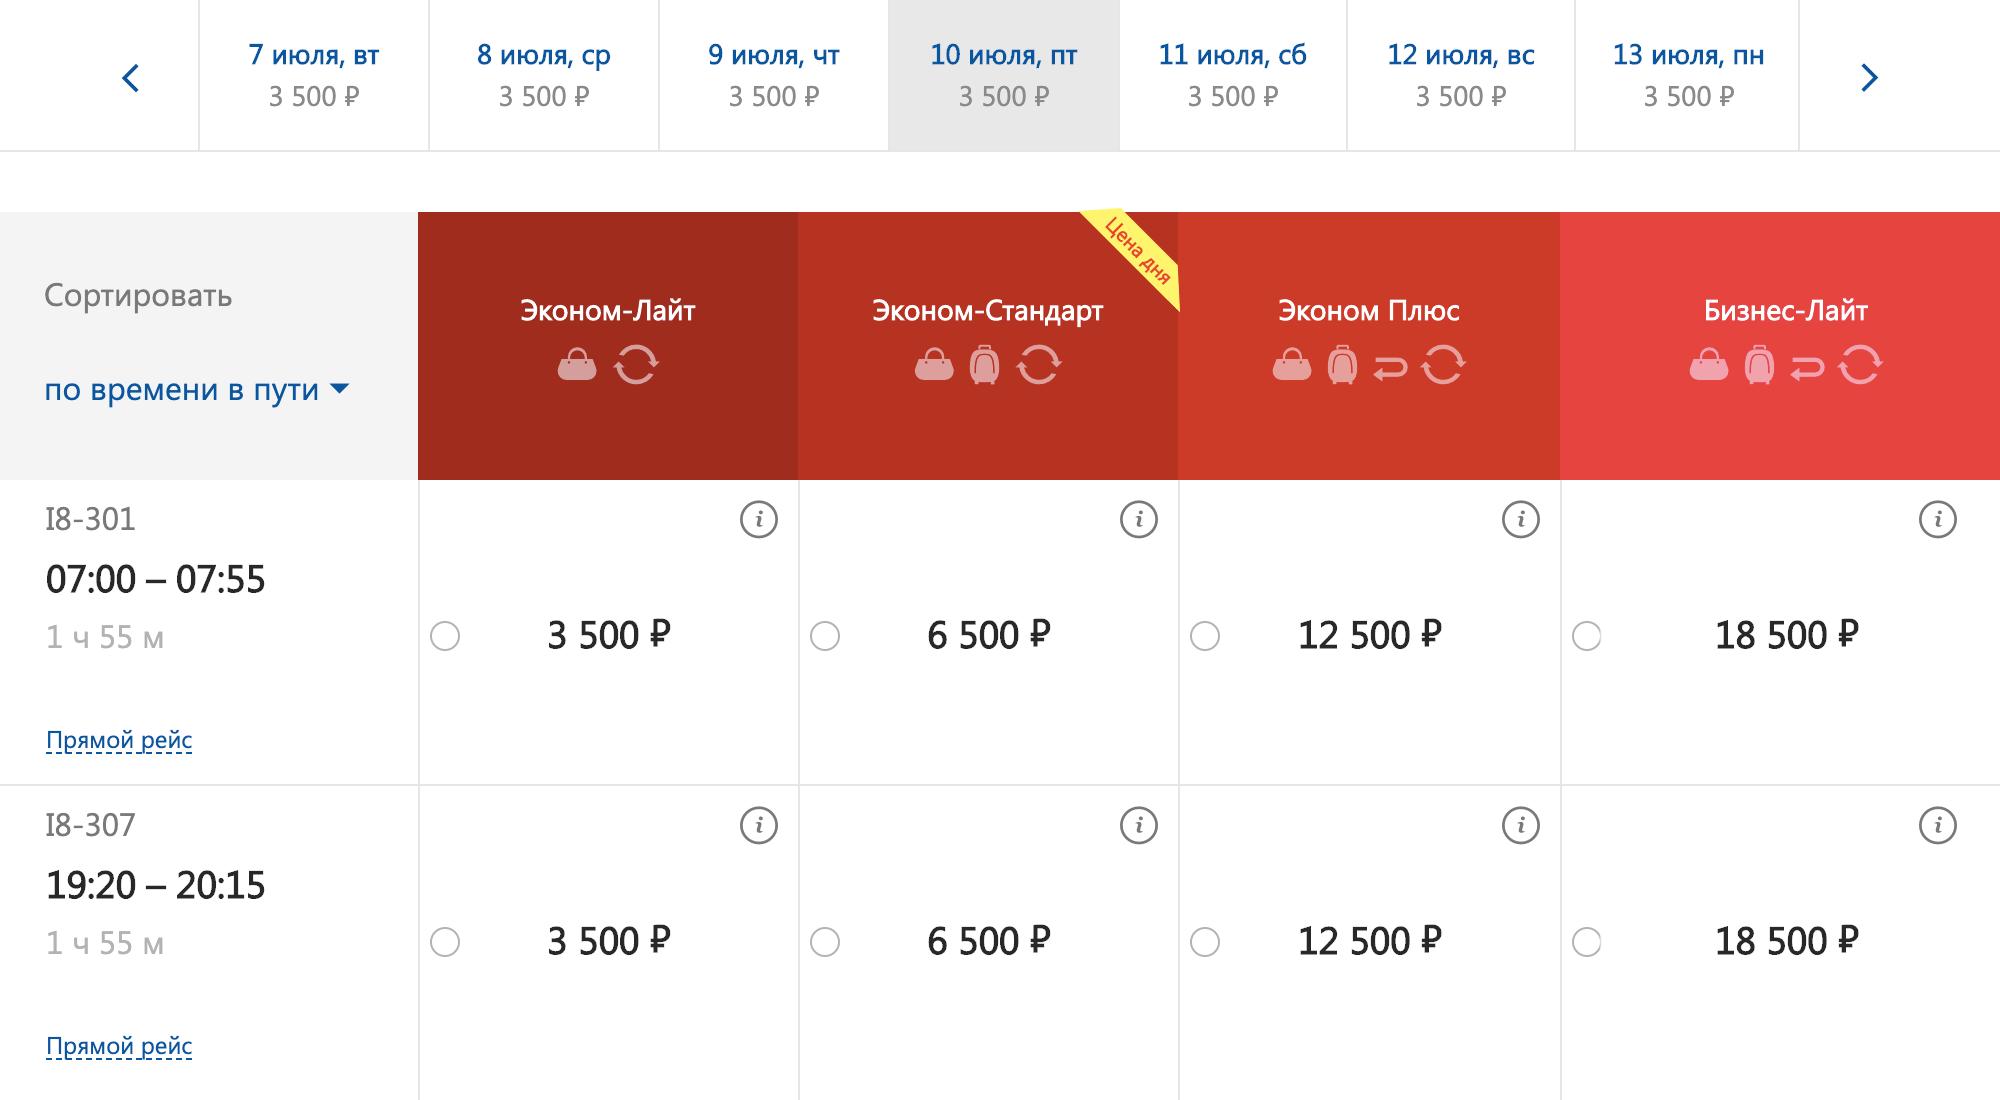 Стоимость билетов на самолет Ижевск — Москва на сайте «Ижавиа»